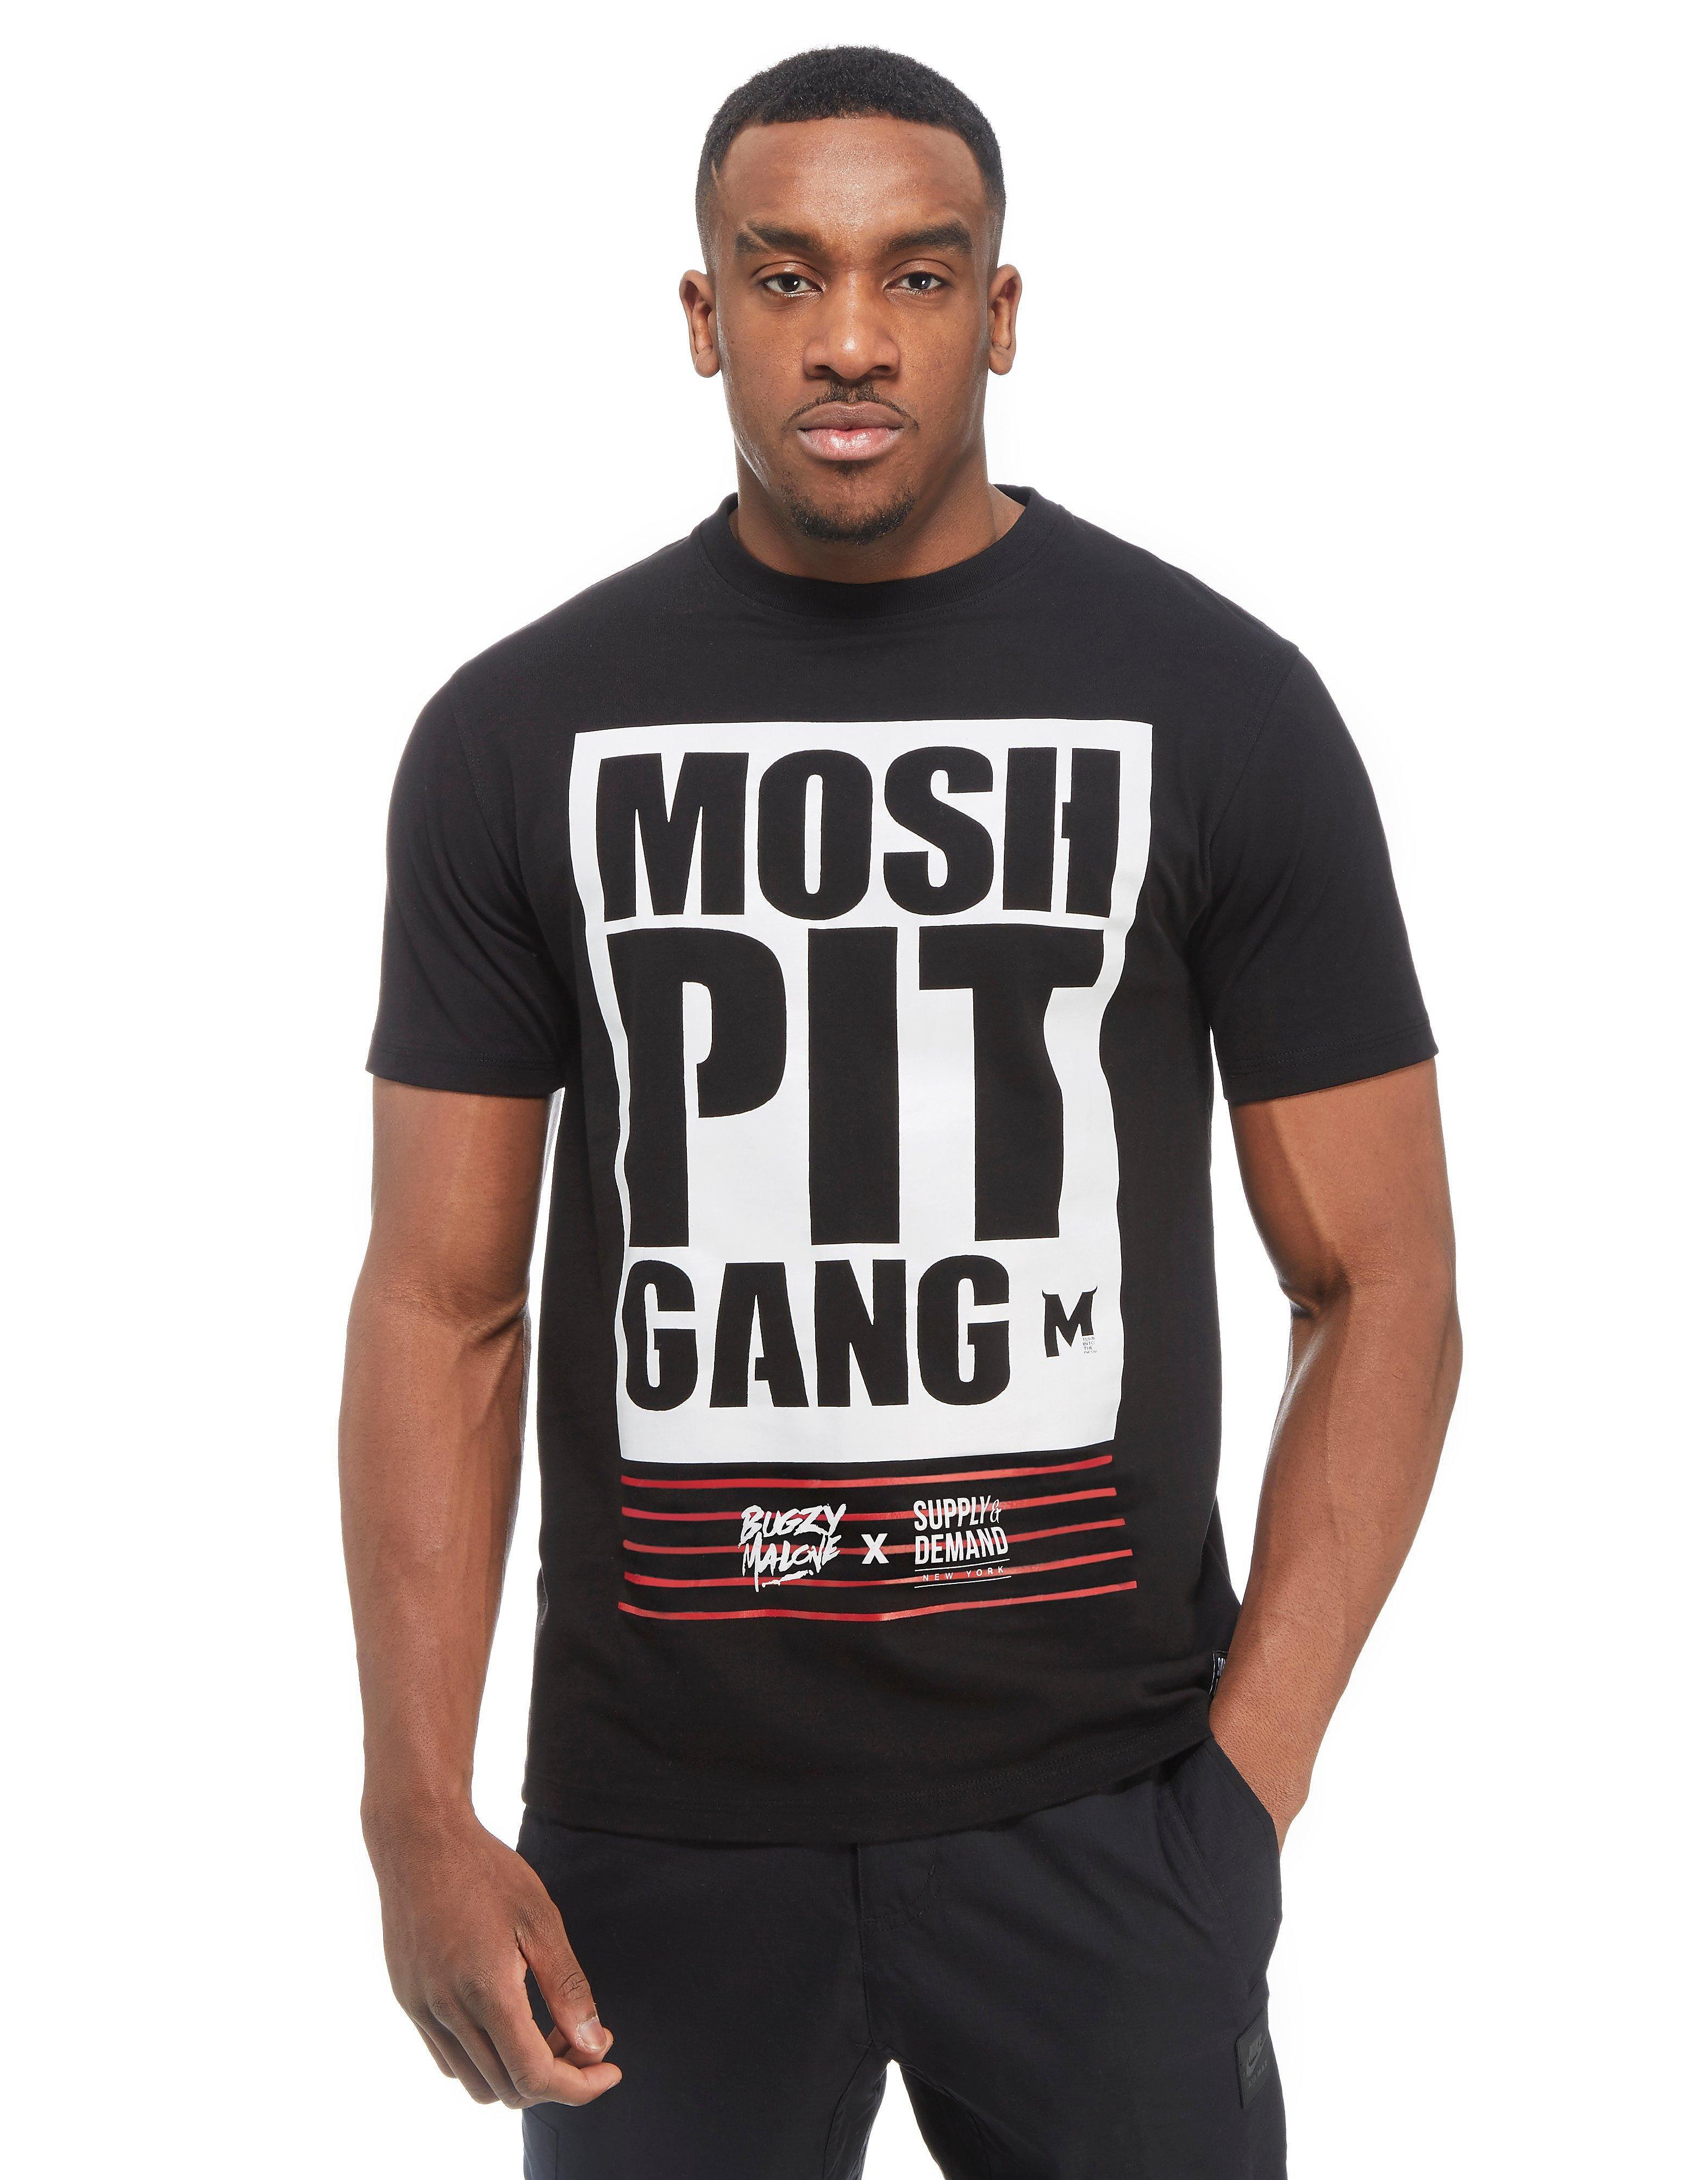 Supply & Demand x Bugzy Malone Mosh Pit Gang T-Shirt